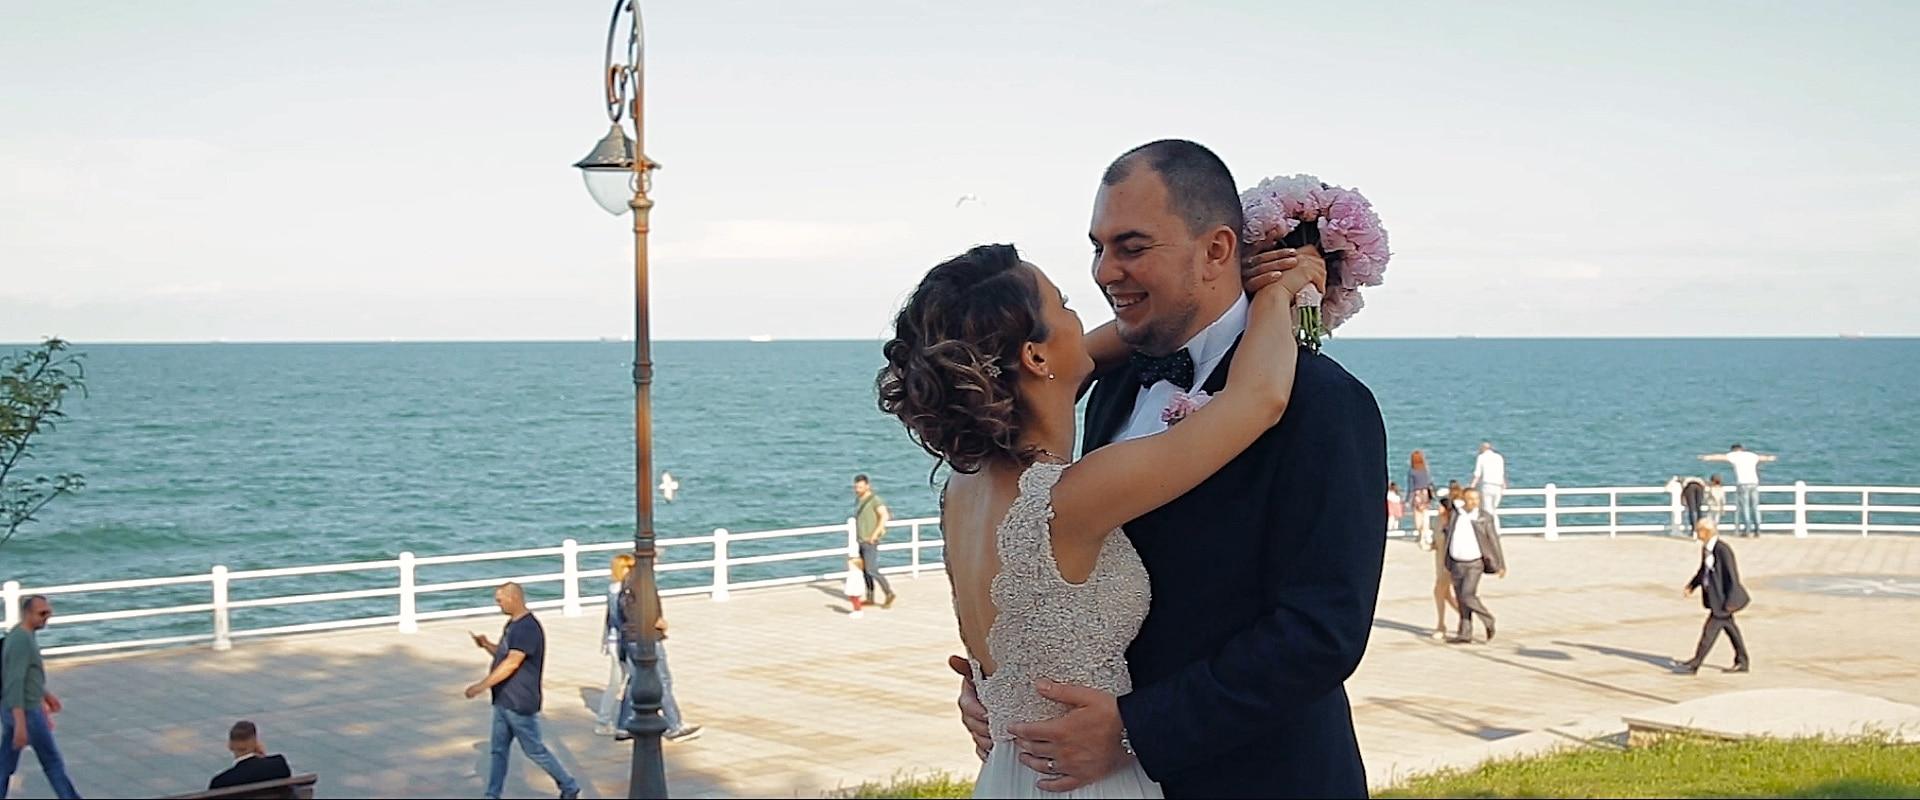 Tengerparti esküvő a Fekete-tenger partján, vőlegény és menyasszony